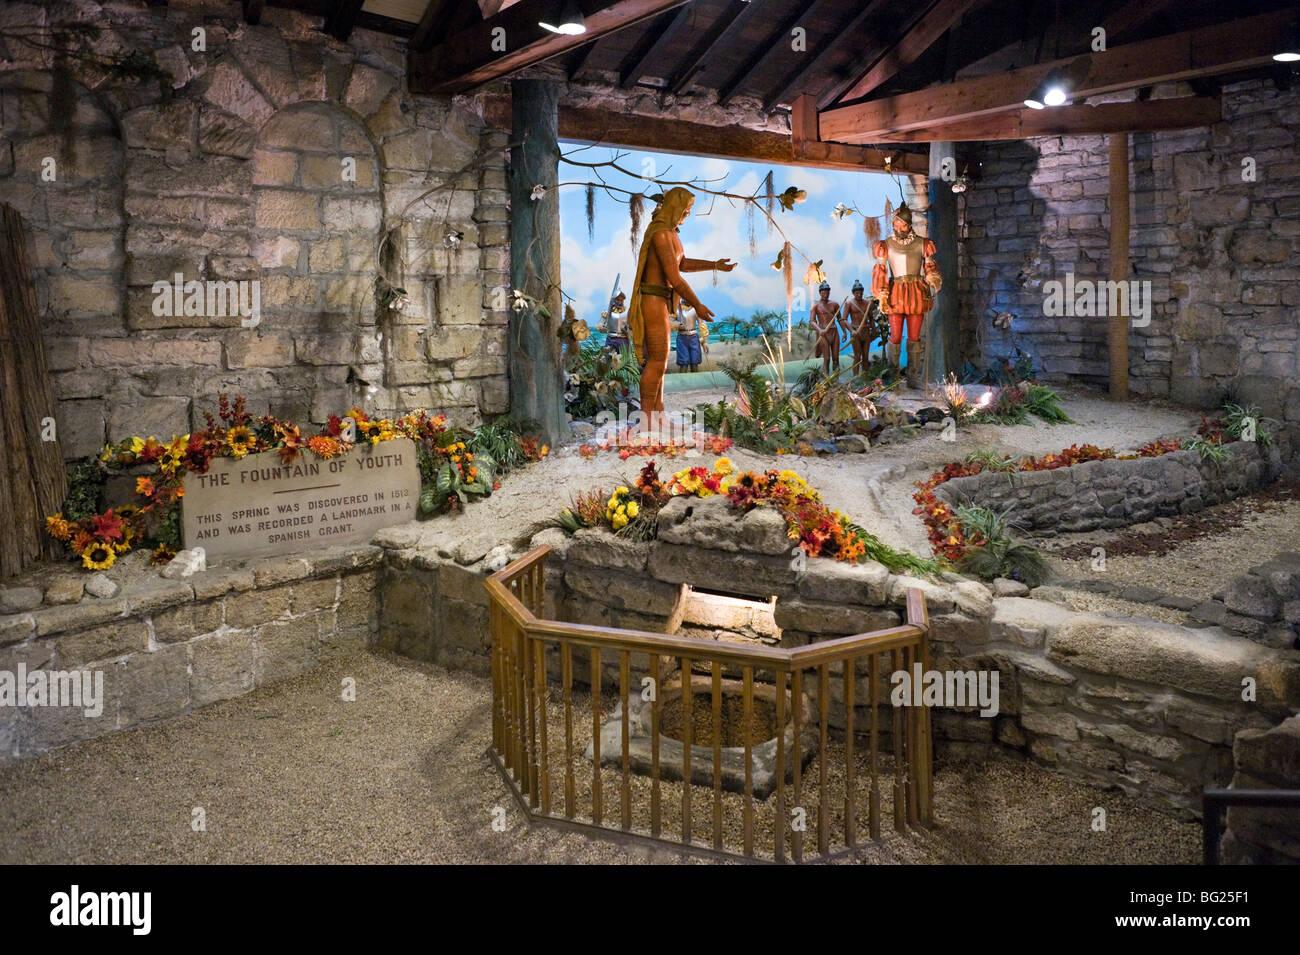 La fontana della giovinezza con un diorama di soldati spagnoli e indios dietro, St Augustine, Florida, Stati Uniti Immagini Stock